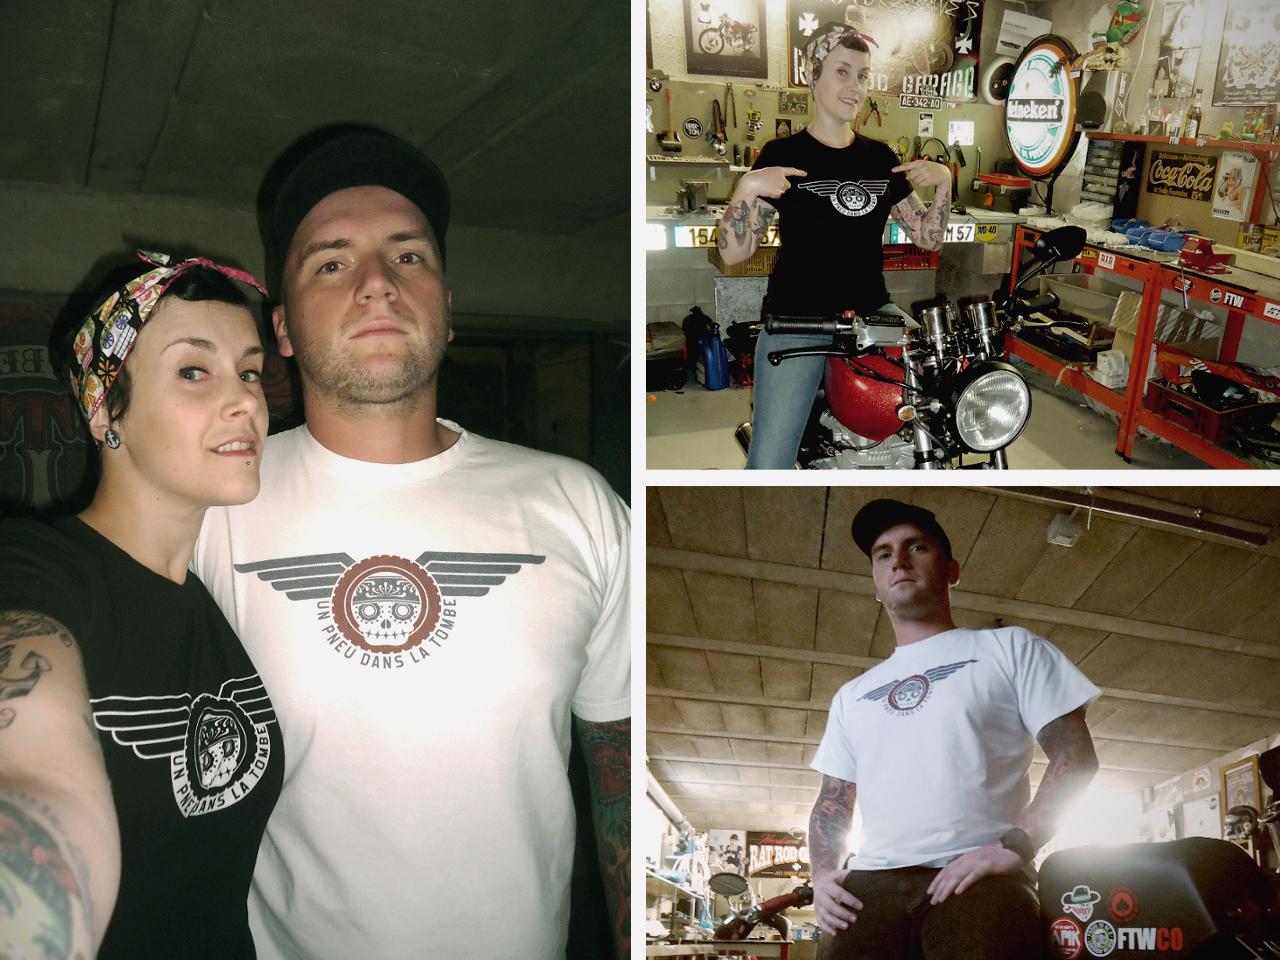 """Dave et Jennifer, portant chacun un t-shirt """"Un pneu dans la tombe""""."""